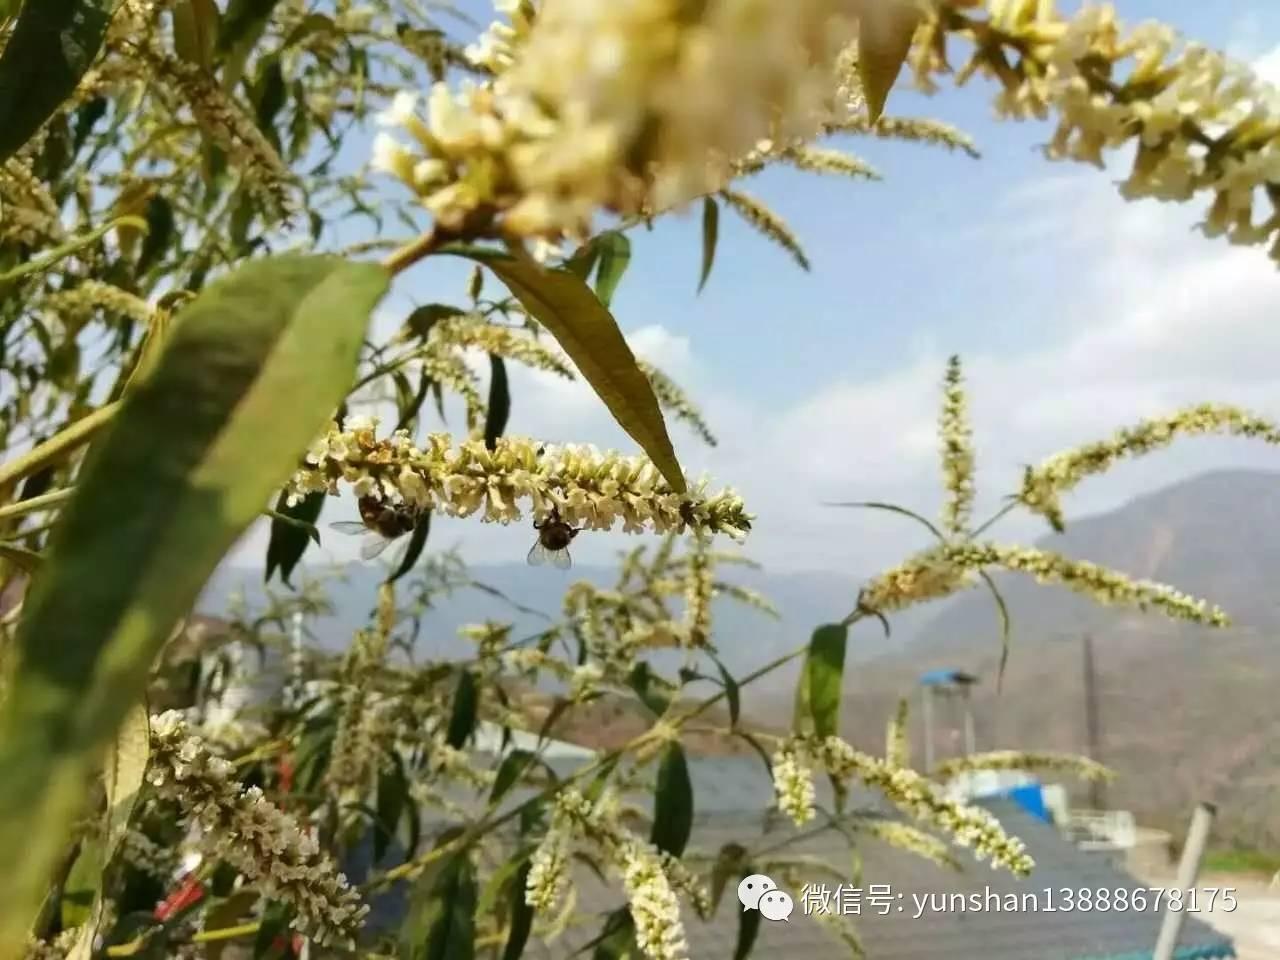 蜂蜜加鸡蛋清 采能蜂蜜 蜂蜜姜茶能减肥吗 蜂蜜盛产地在哪里 蜂蜜是怎么被挤出来的